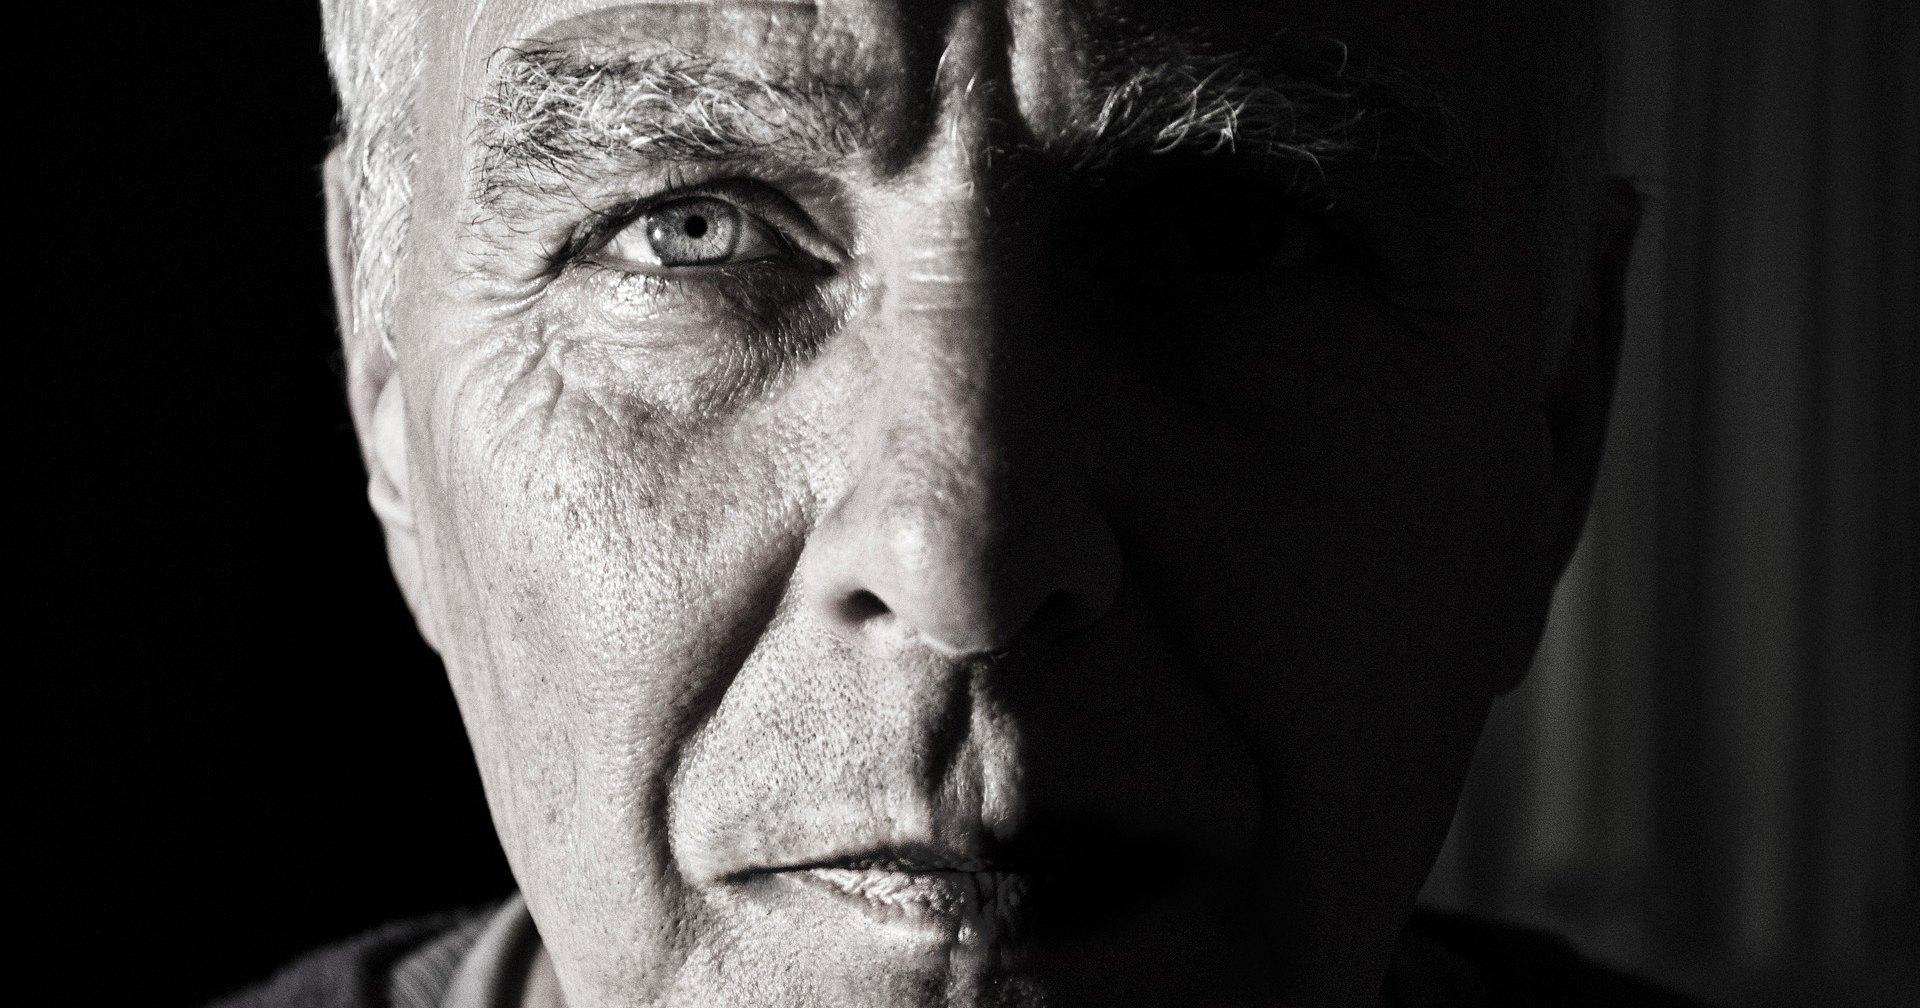 7 заболеваний, возникновение которых можно определить по лицу